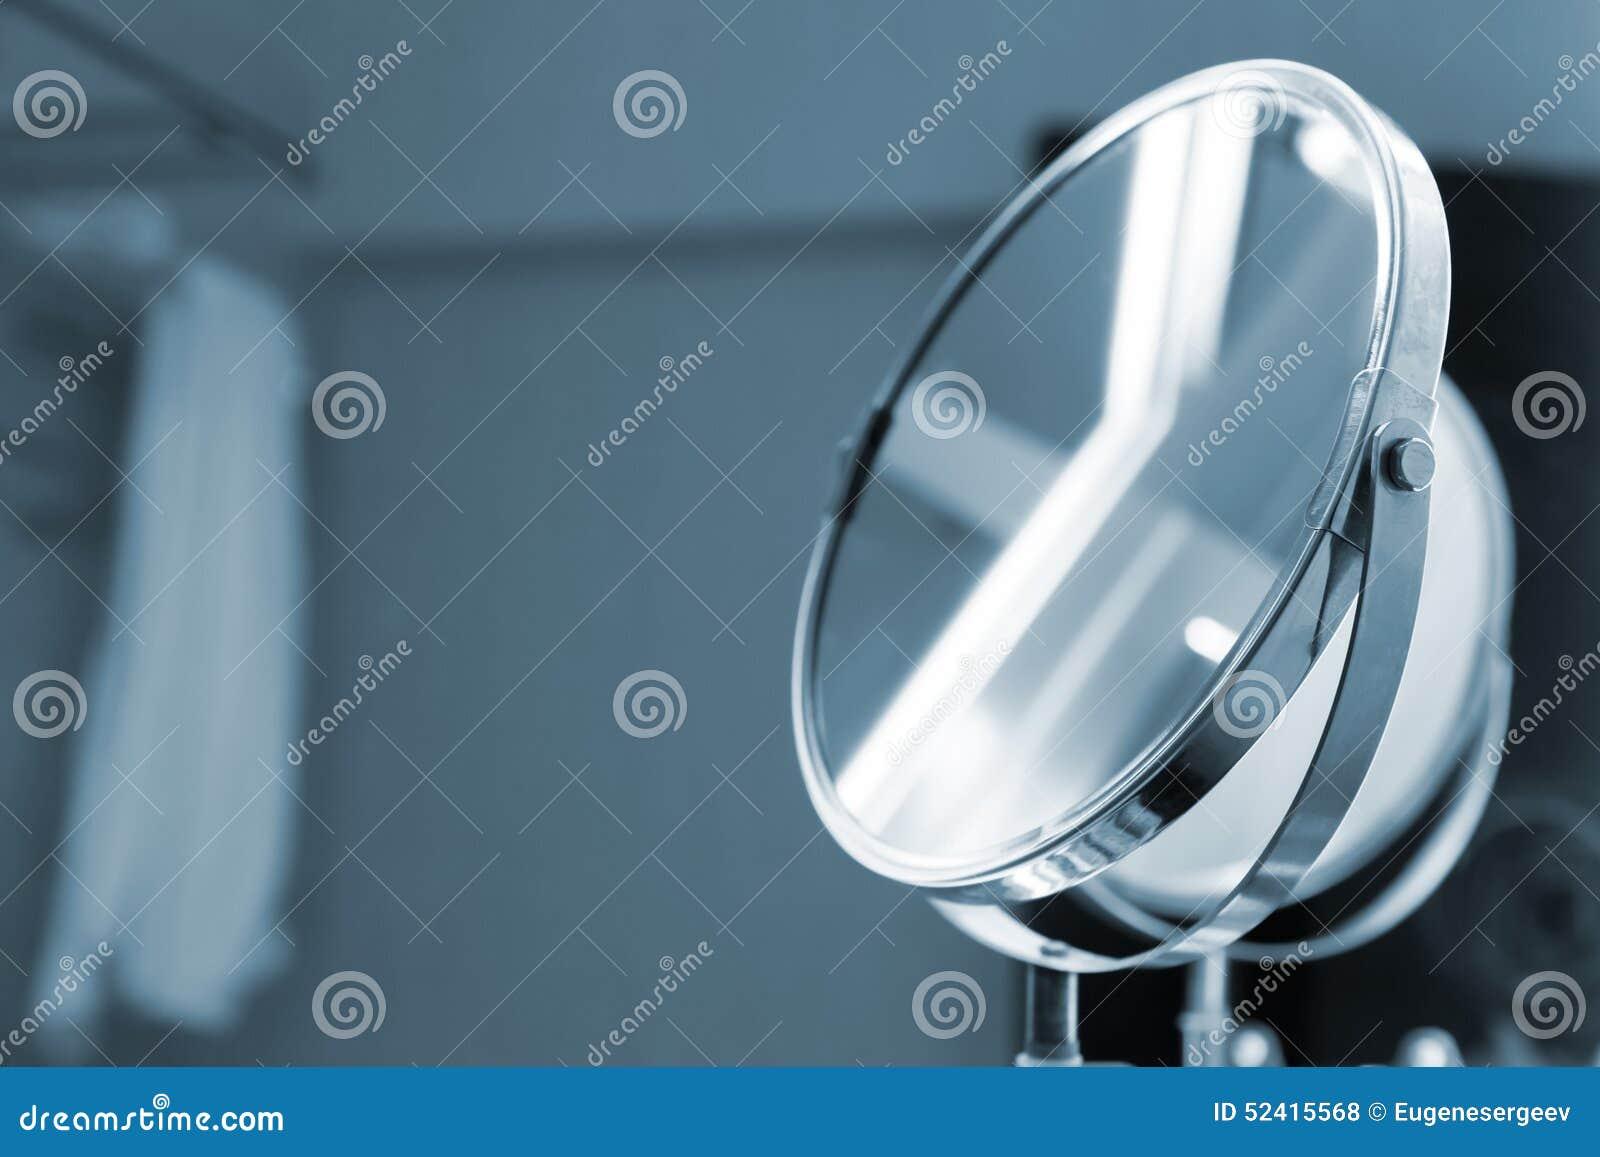 Specchio rotondo con illuminazione blu del bagno tonificato